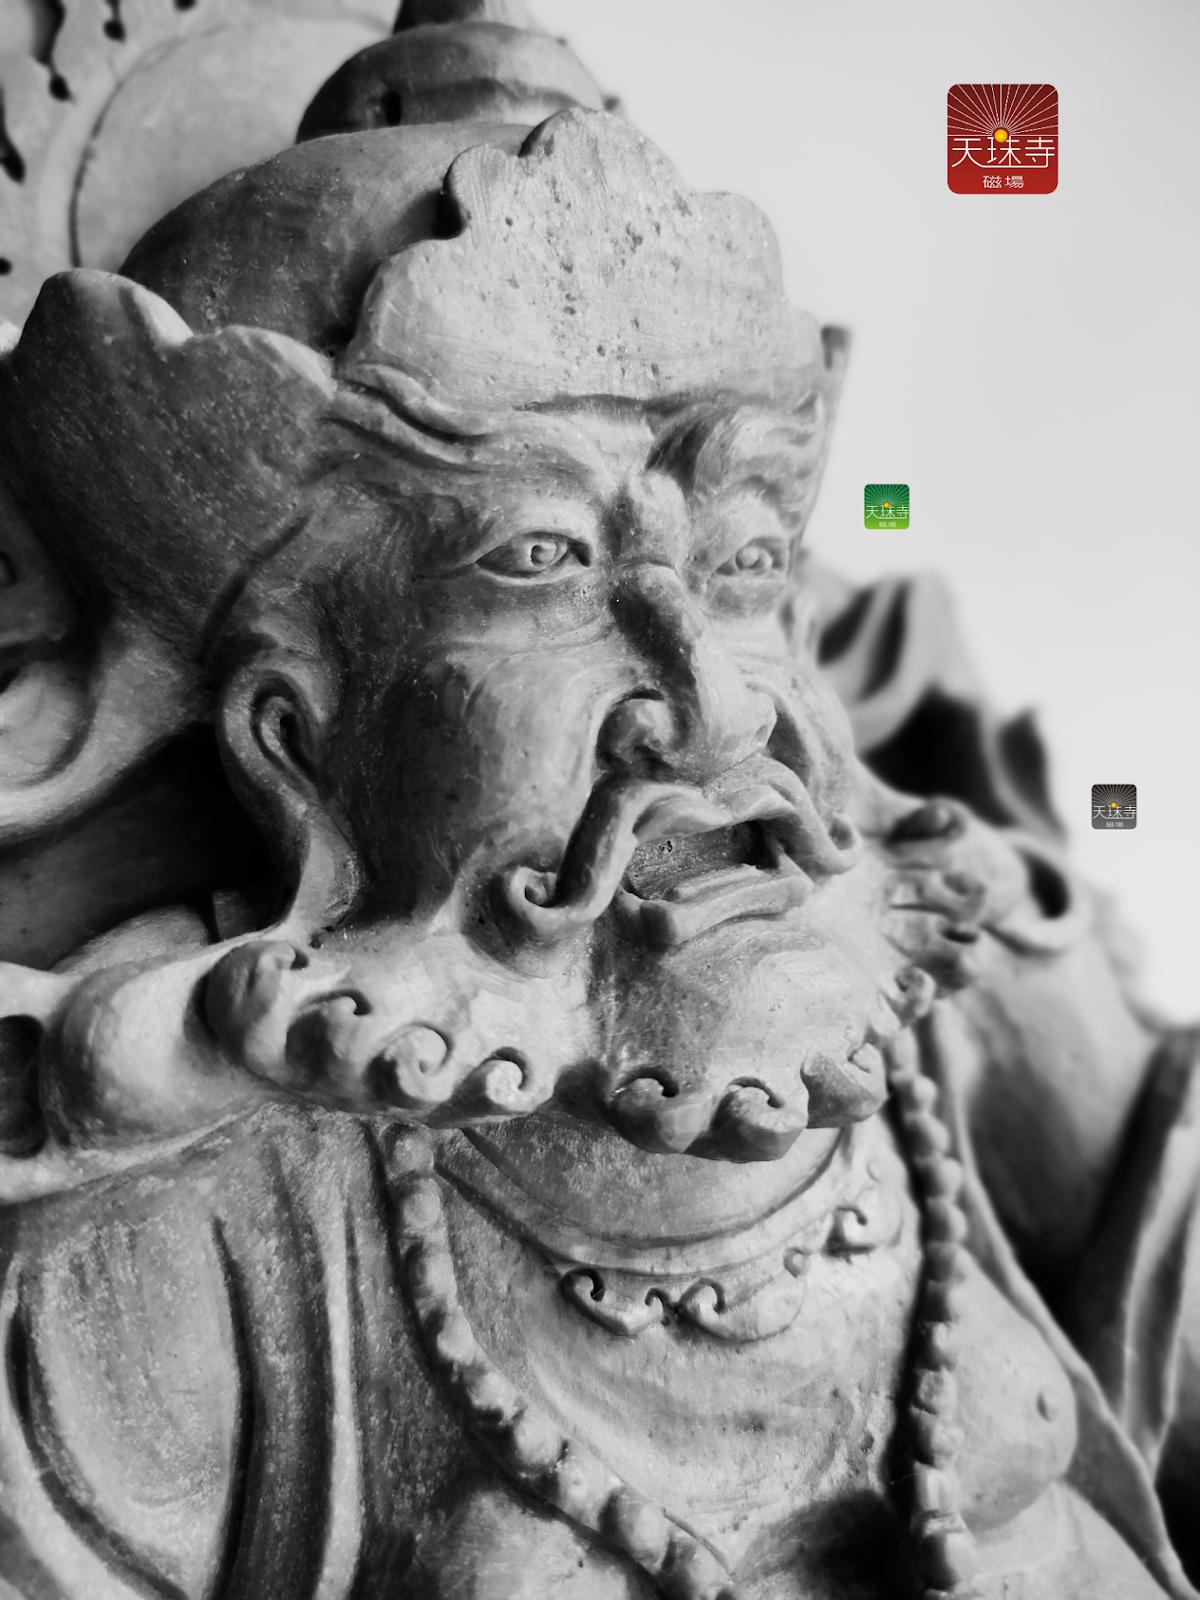 黃財神降魔舍利瑰寶 整塊雕琢-靈石有著超強的磁場 祂的材料是五百羅漢修法的龍宮洞內最接近坐化處更勝靈骨舍利和尚雕琢佛像贊